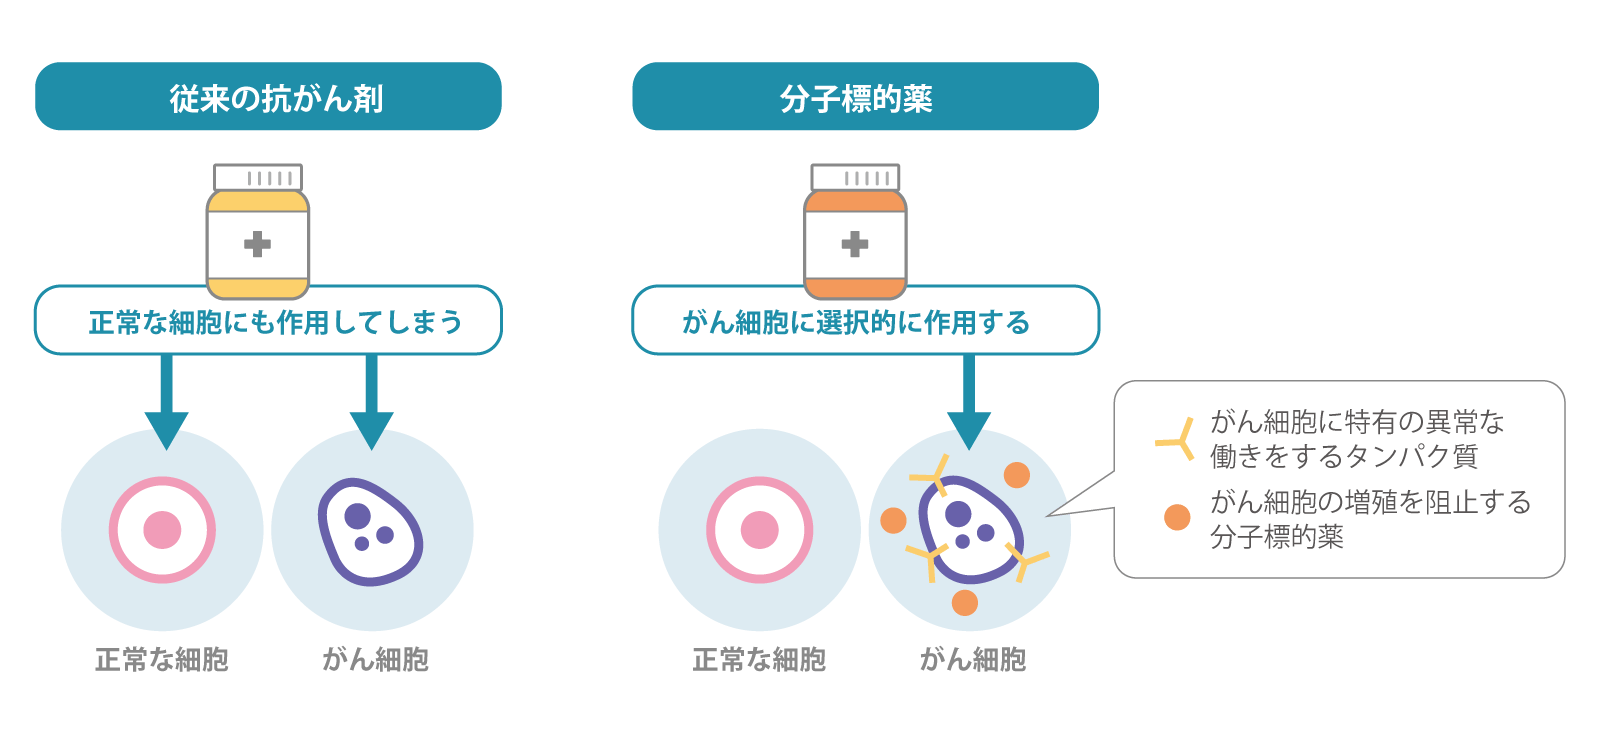 従来の抗がん剤と分子標的薬のち外